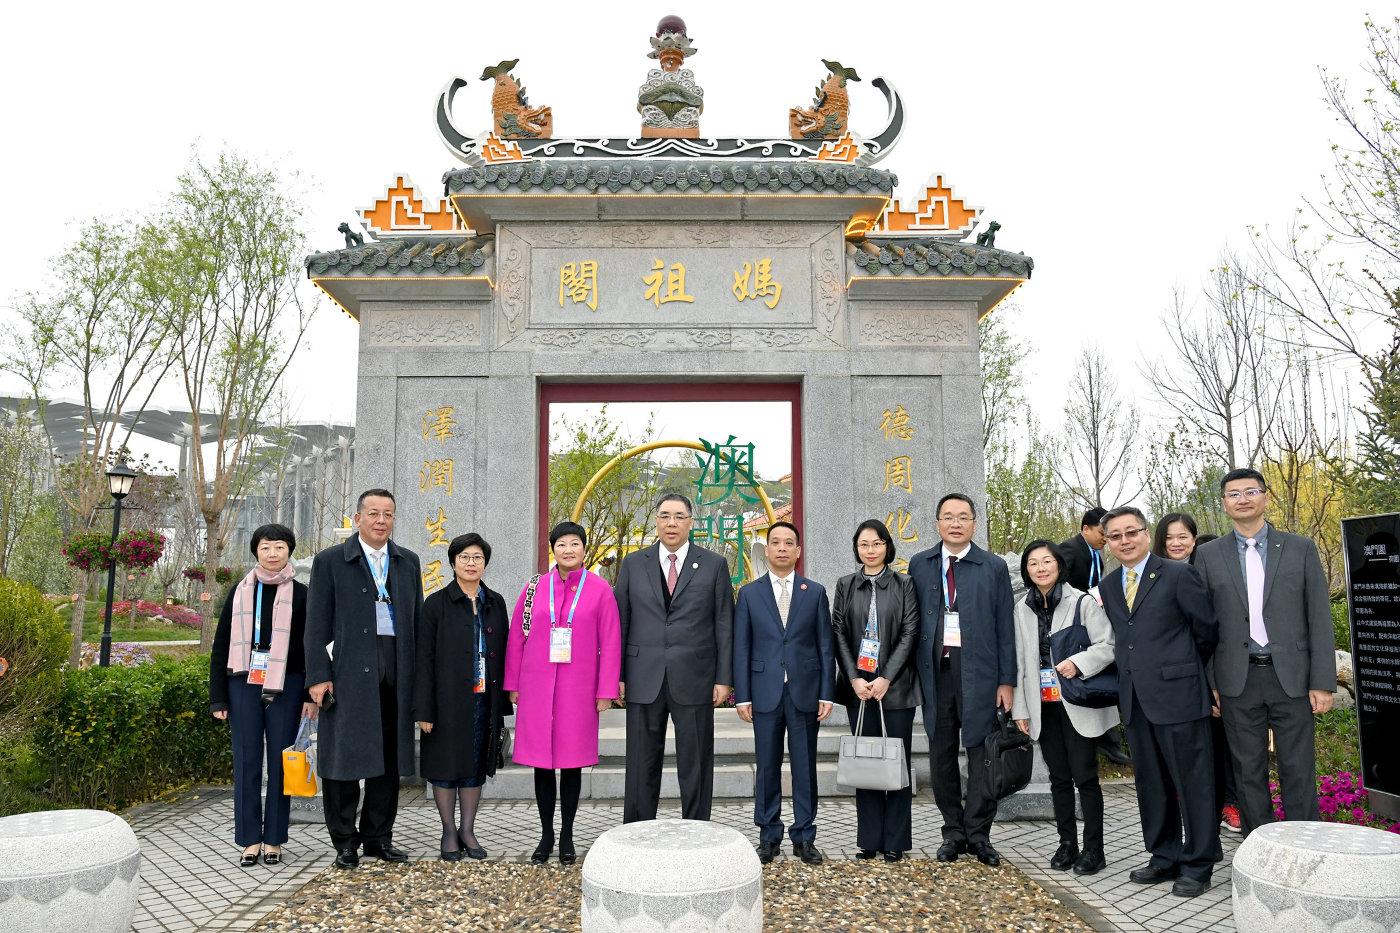 澳门行政长官崔世安出席2019北京世园会开幕式并参观澳门园